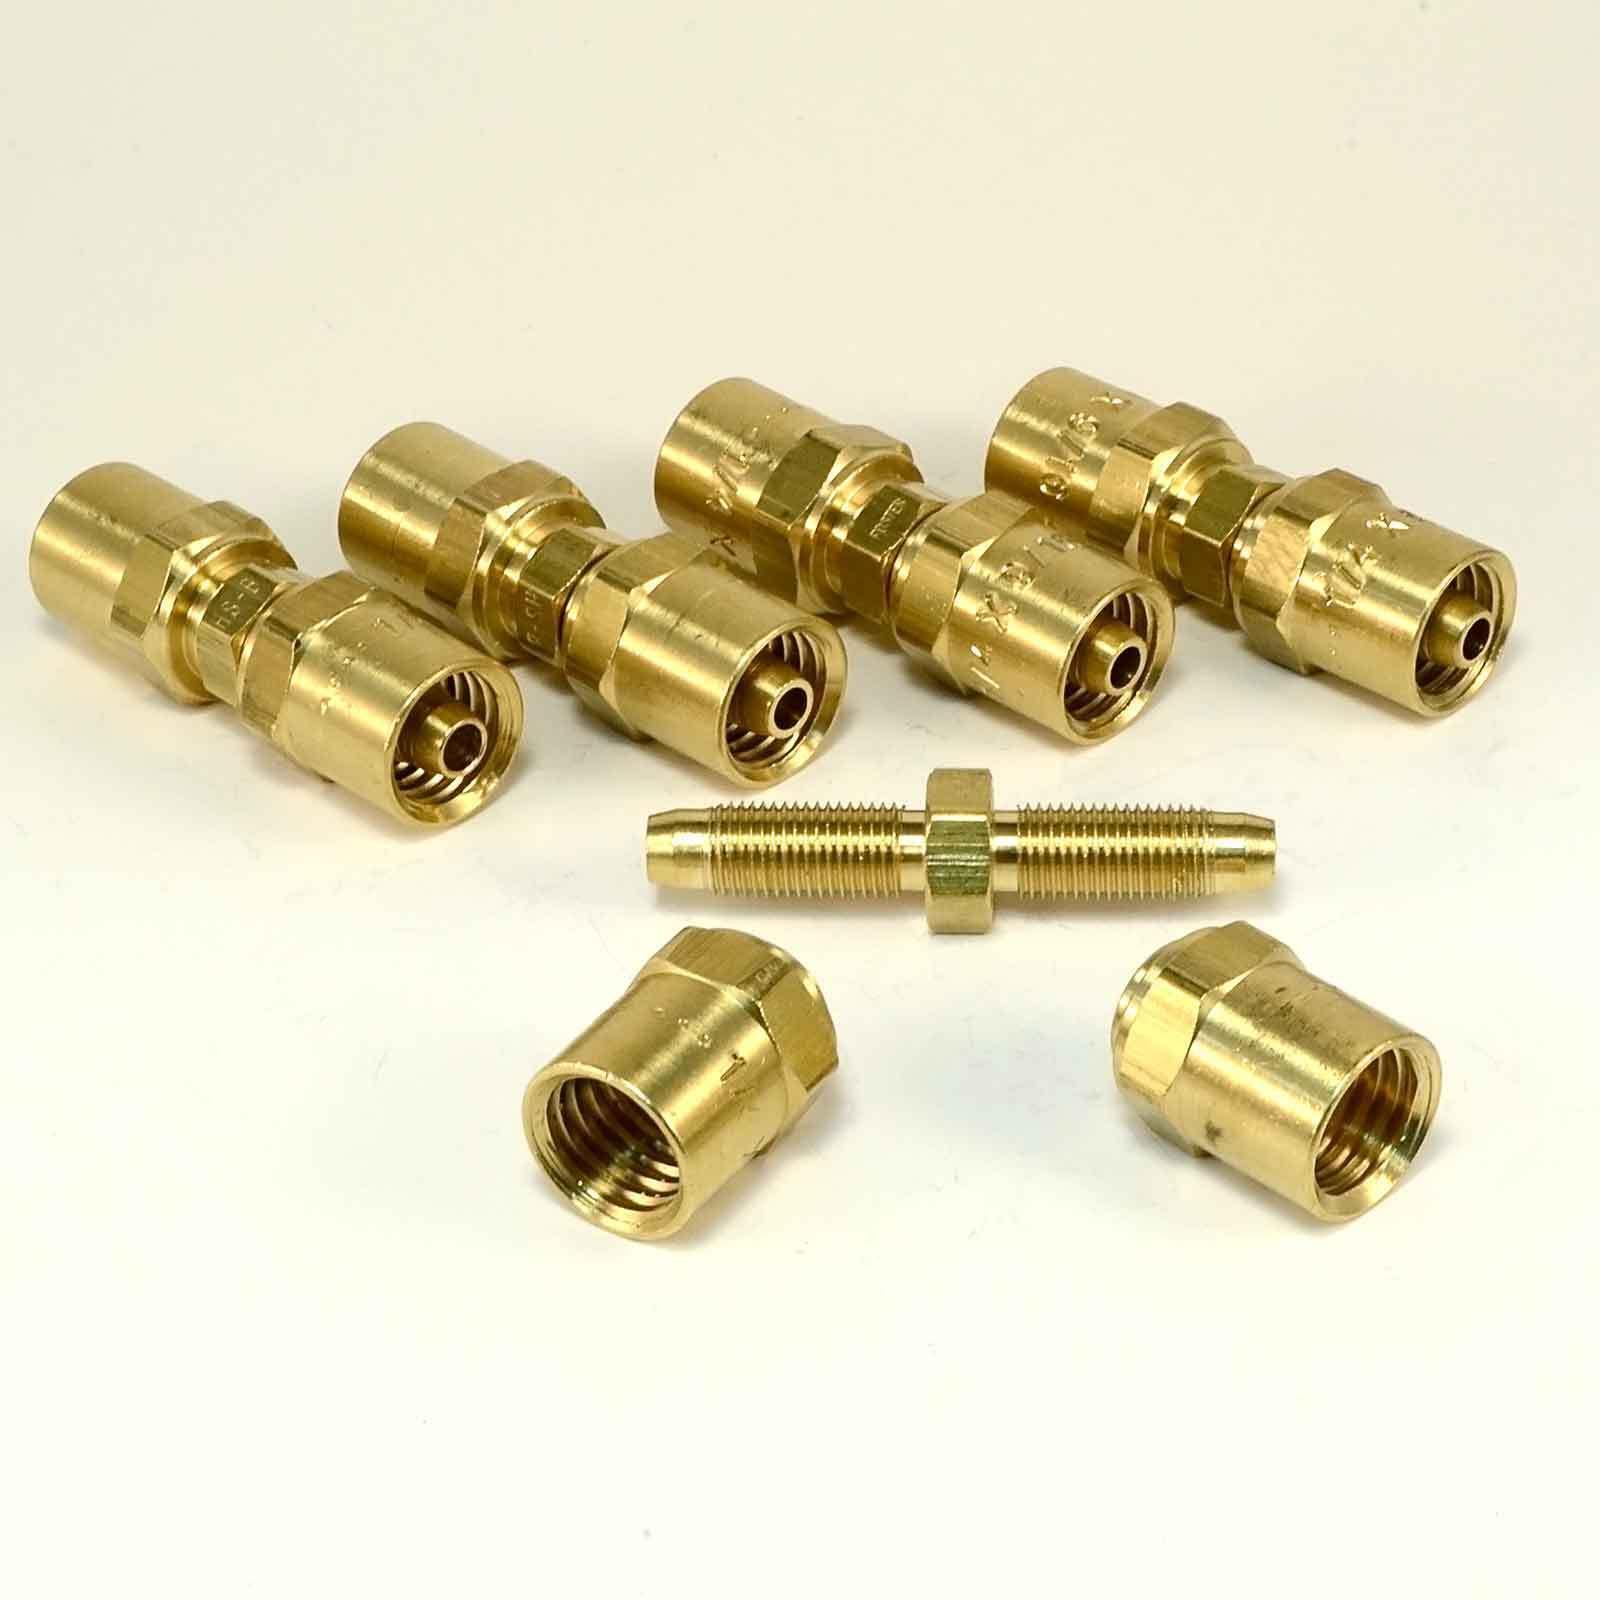 Reusable Hose Barb  - 1 4  ID X 9 16  OD hose - USA MADE Air Hose Fittings Brass